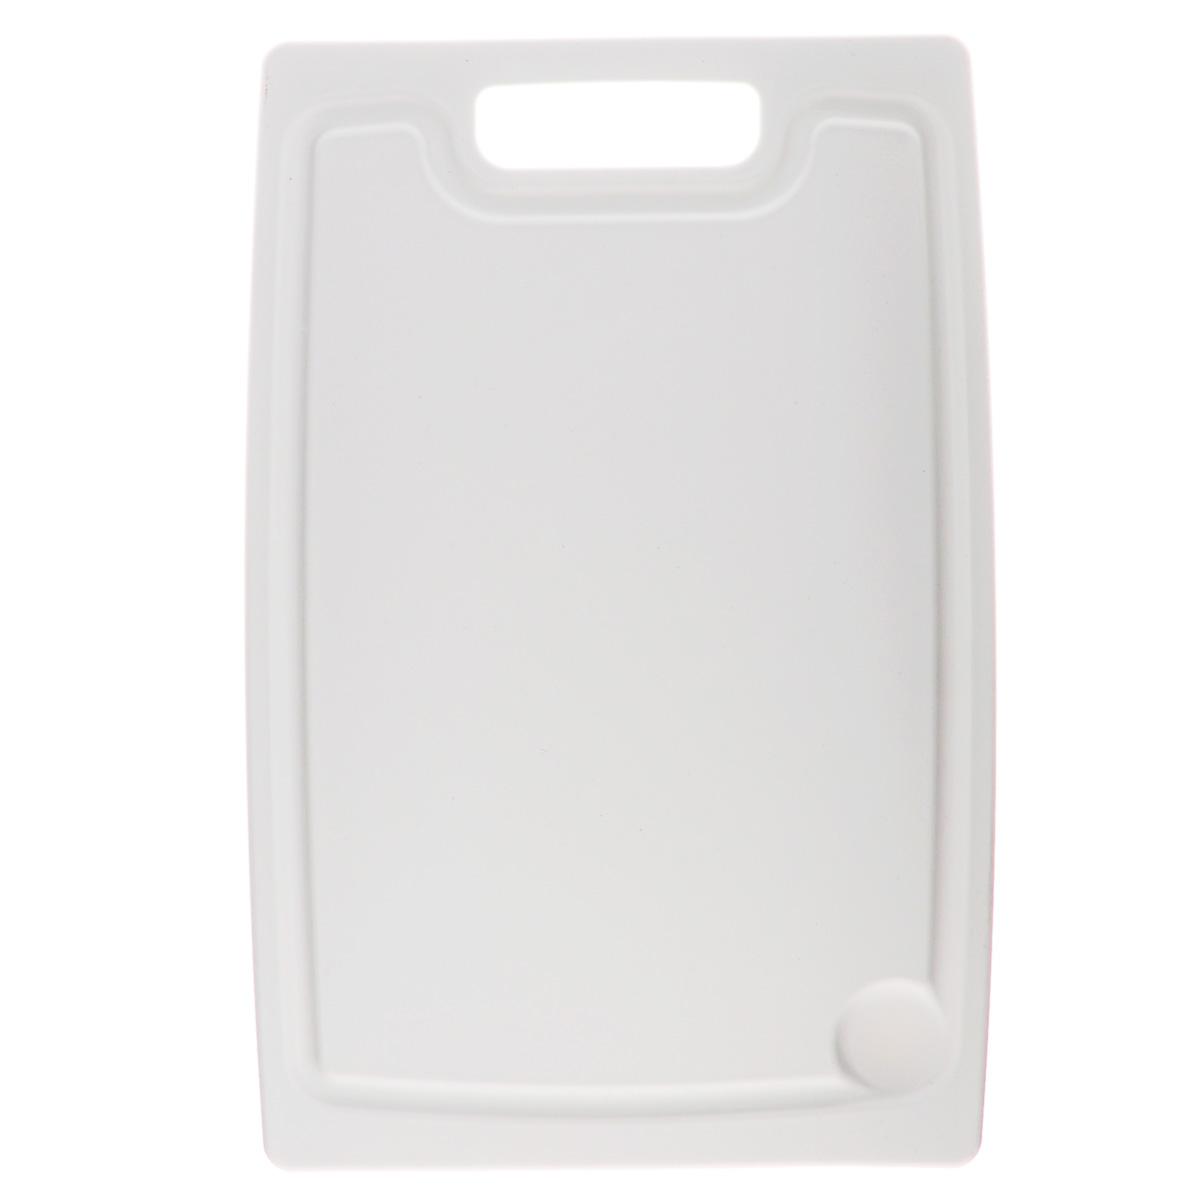 Доска разделочная Tescoma Presto, цвет: белый, 36 х 24 см378814Разделочная доска Tescoma Presto, изготовленная из высококачественногопрочного пластика, станет незаменимым атрибутом приготовления пищи. Онаидеально подходит для разделки мяса, рыбы, приготовления теста и нарезкилюбых продуктов. А особый дизайн краев с желобком способствует задерживаниюжидкостей и остатковпродуктов. Доска предназначена дляежедневного интенсивного использования.Не затупляет лезвия. Современный стильный дизайн и функциональность разделочной доски TescomaPresto, позволит занять ей достойное место на вашей кухне. Можно мыть в посудомоечной машине.